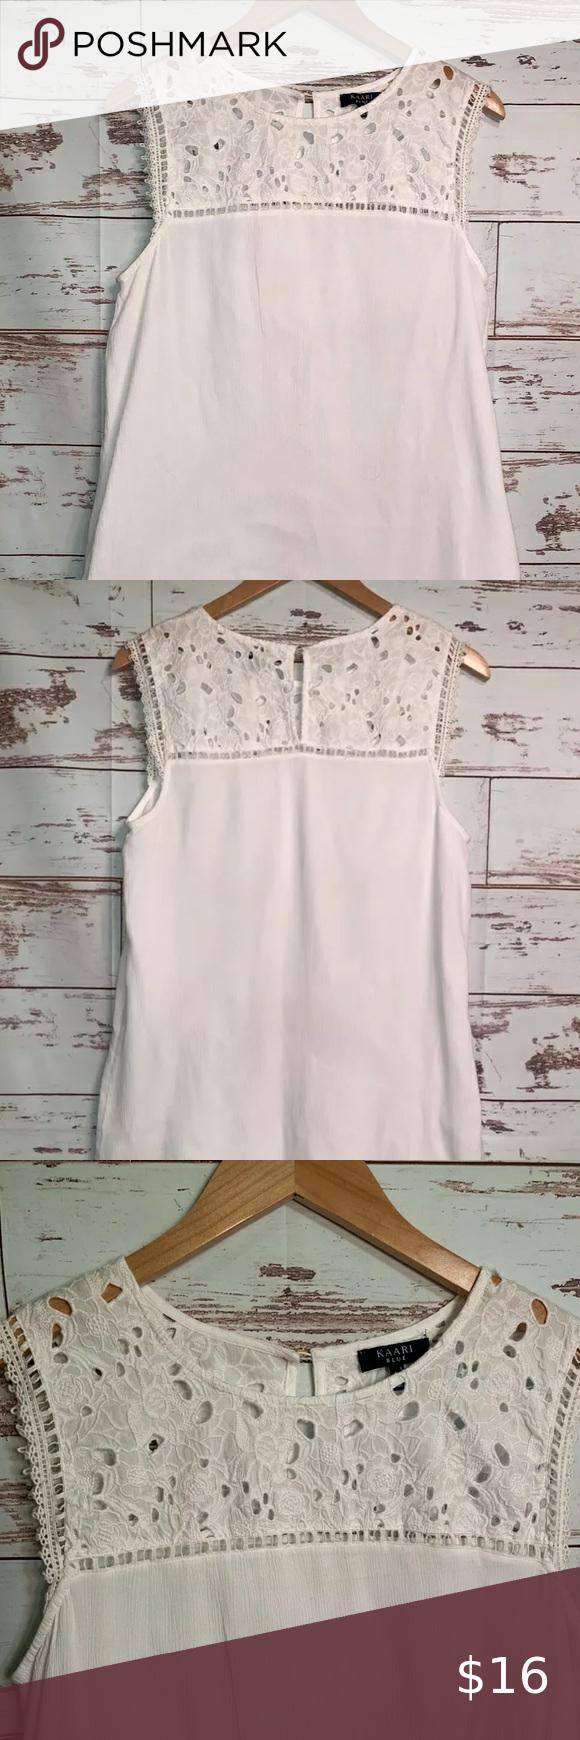 Kaari Blue Short White Dress Size Medium Kaari Blue Short White Dress With A Beautiful Floral Croche White Short Dress Pink Work Dresses Dress Size Chart Women [ 1740 x 580 Pixel ]